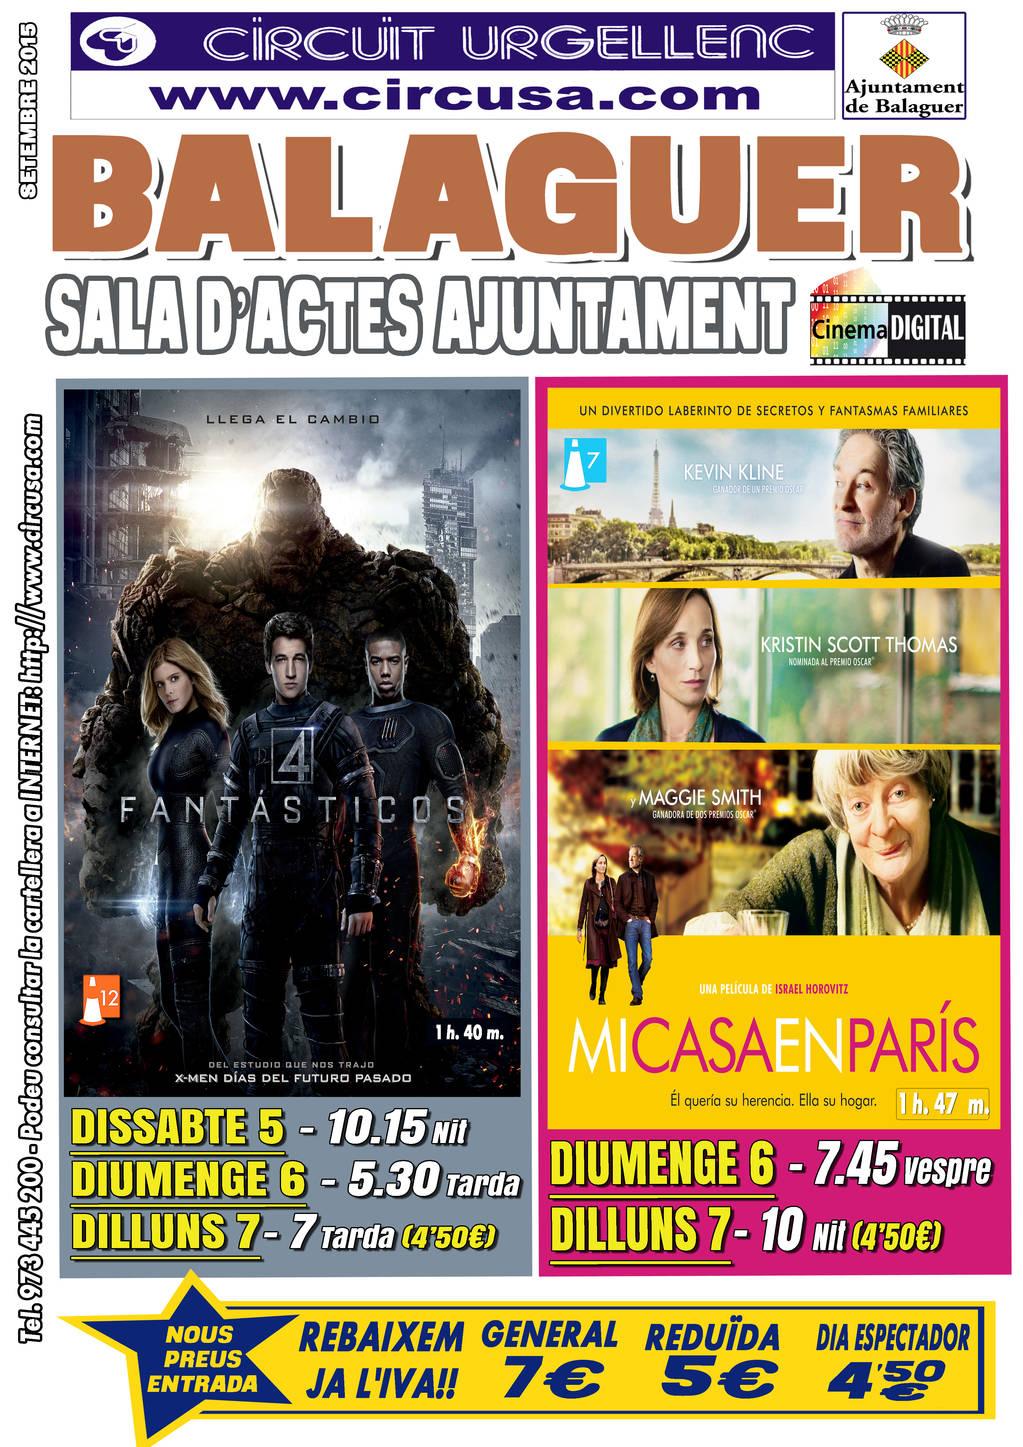 CINE SEPTIEMBRE 5, 6, 7 - MI CASA EN PARÍS - LOS CUATRO FANTÁSTICOS